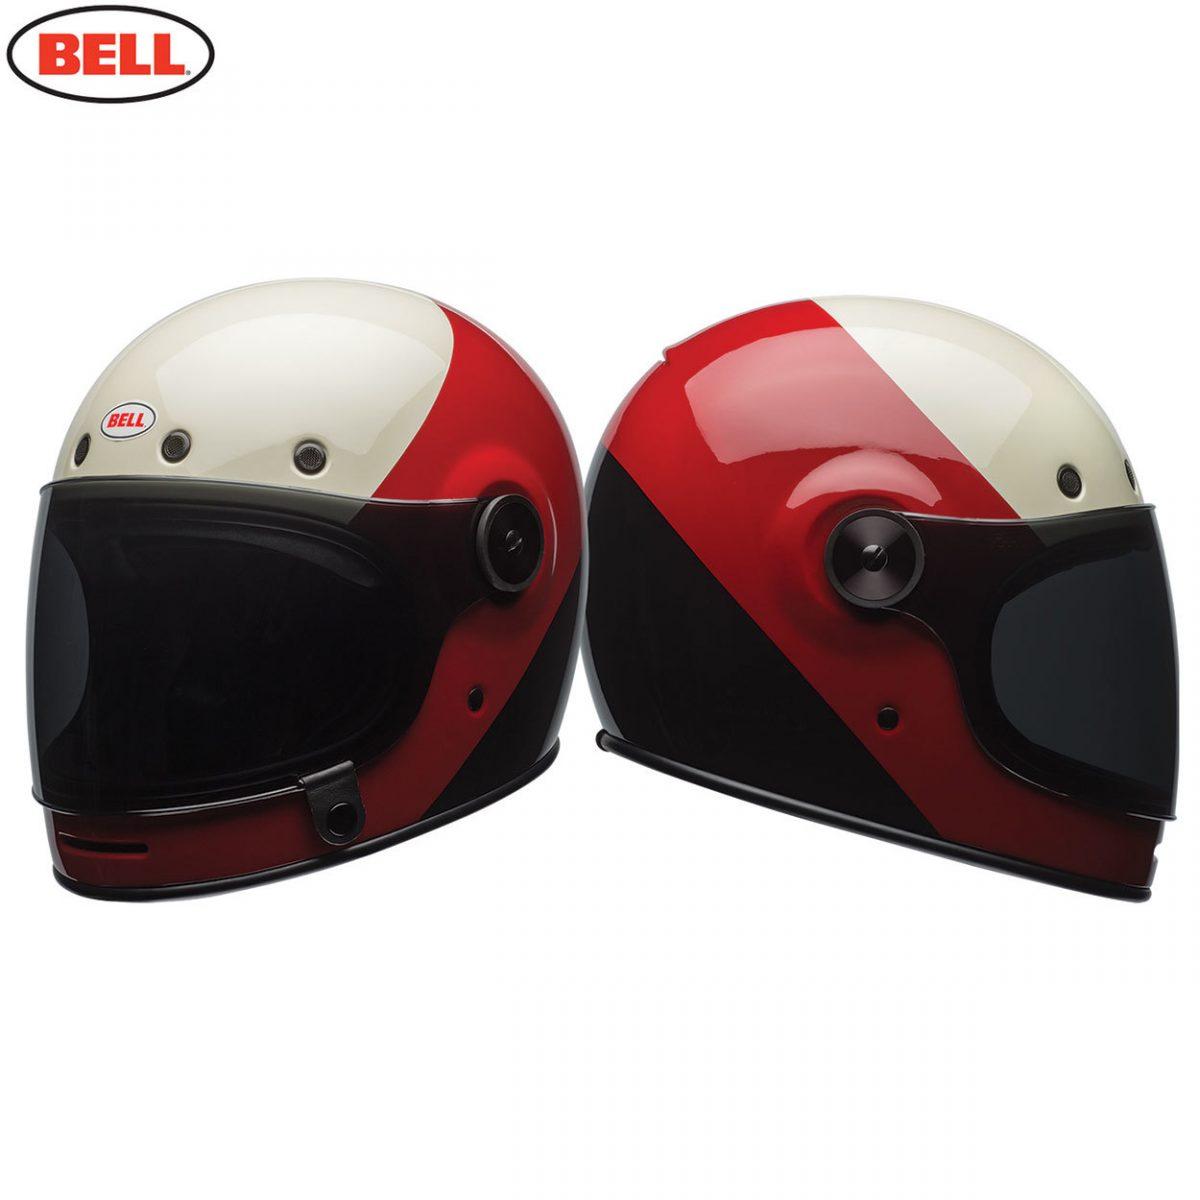 Bell Cruiser Bullitt Adult Helmet (Triple Threat Red Black)